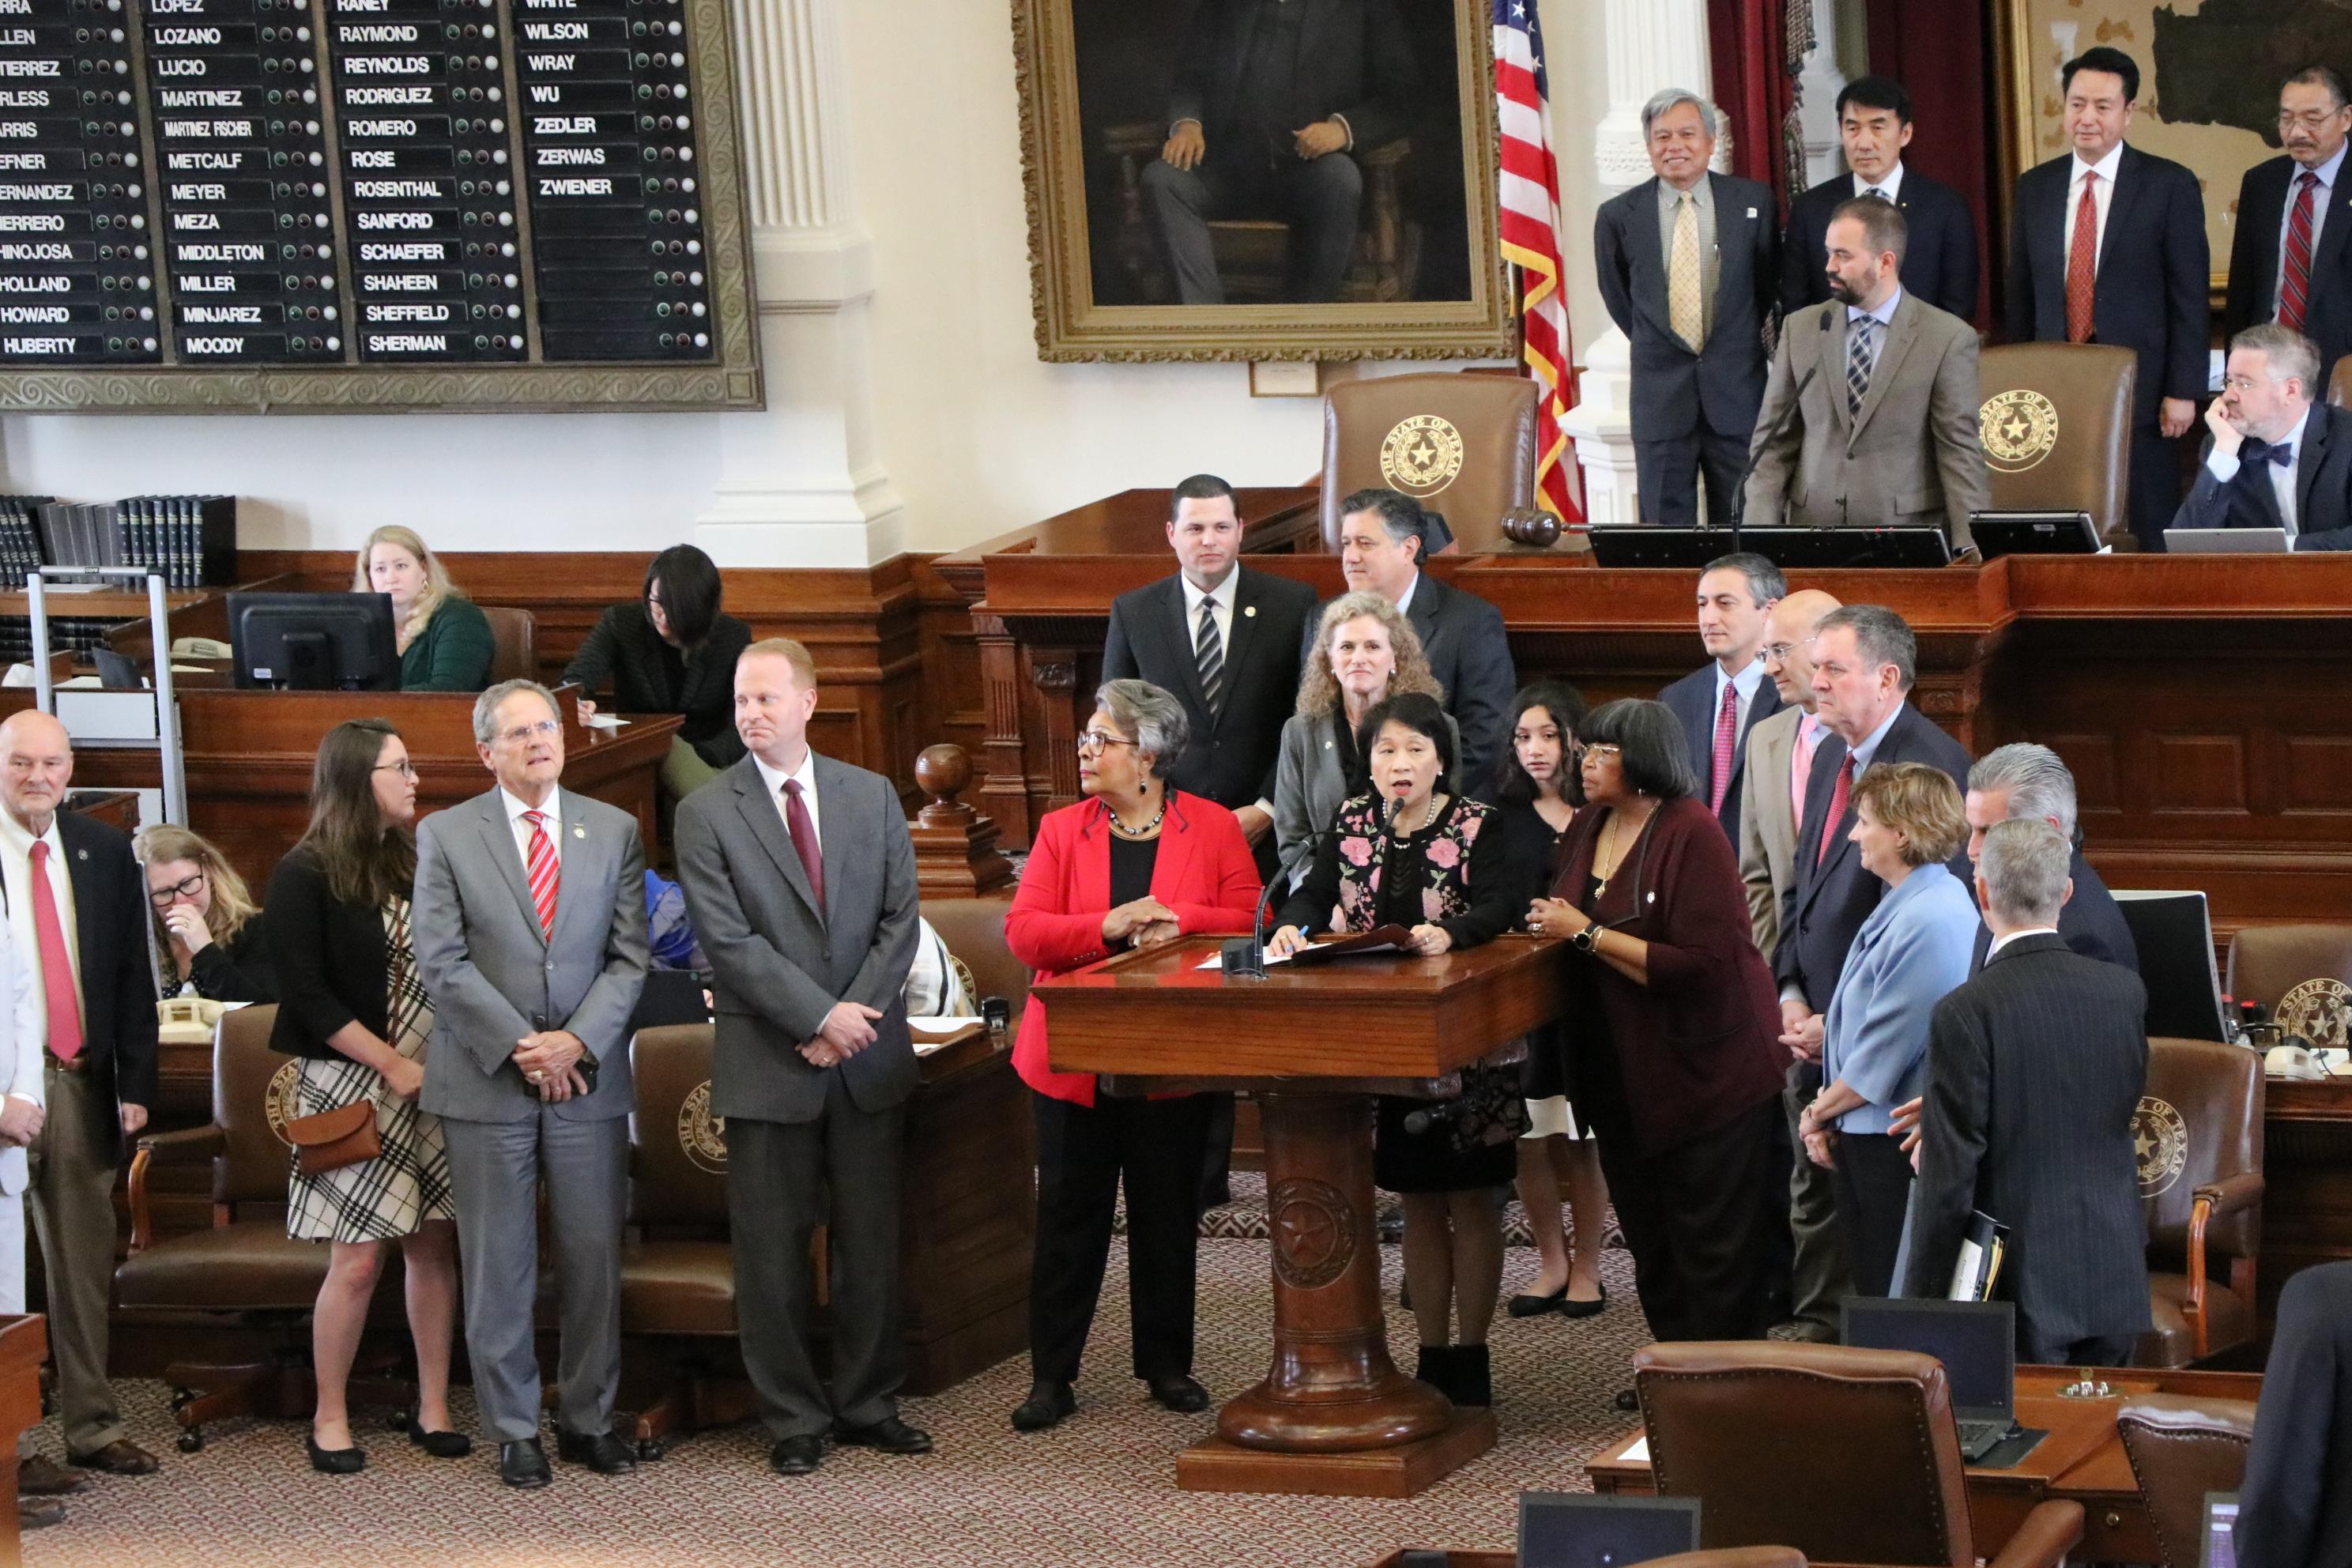 州眾議員陳筱玲在多位眾議員的陪同下,宣讀黃登陸等在社區的卓越貢獻。